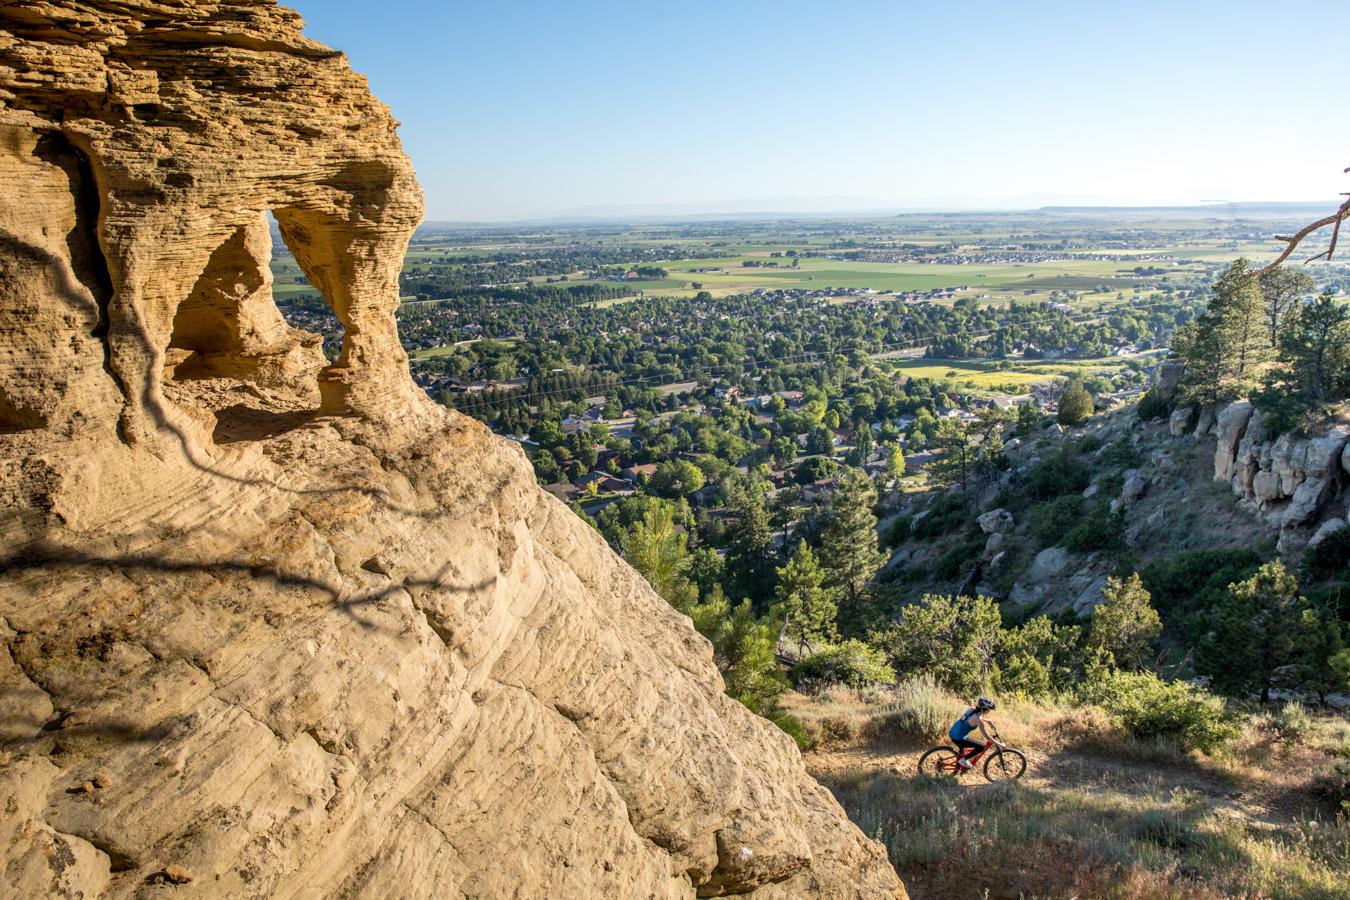 Mountain Biking on Billings Rims